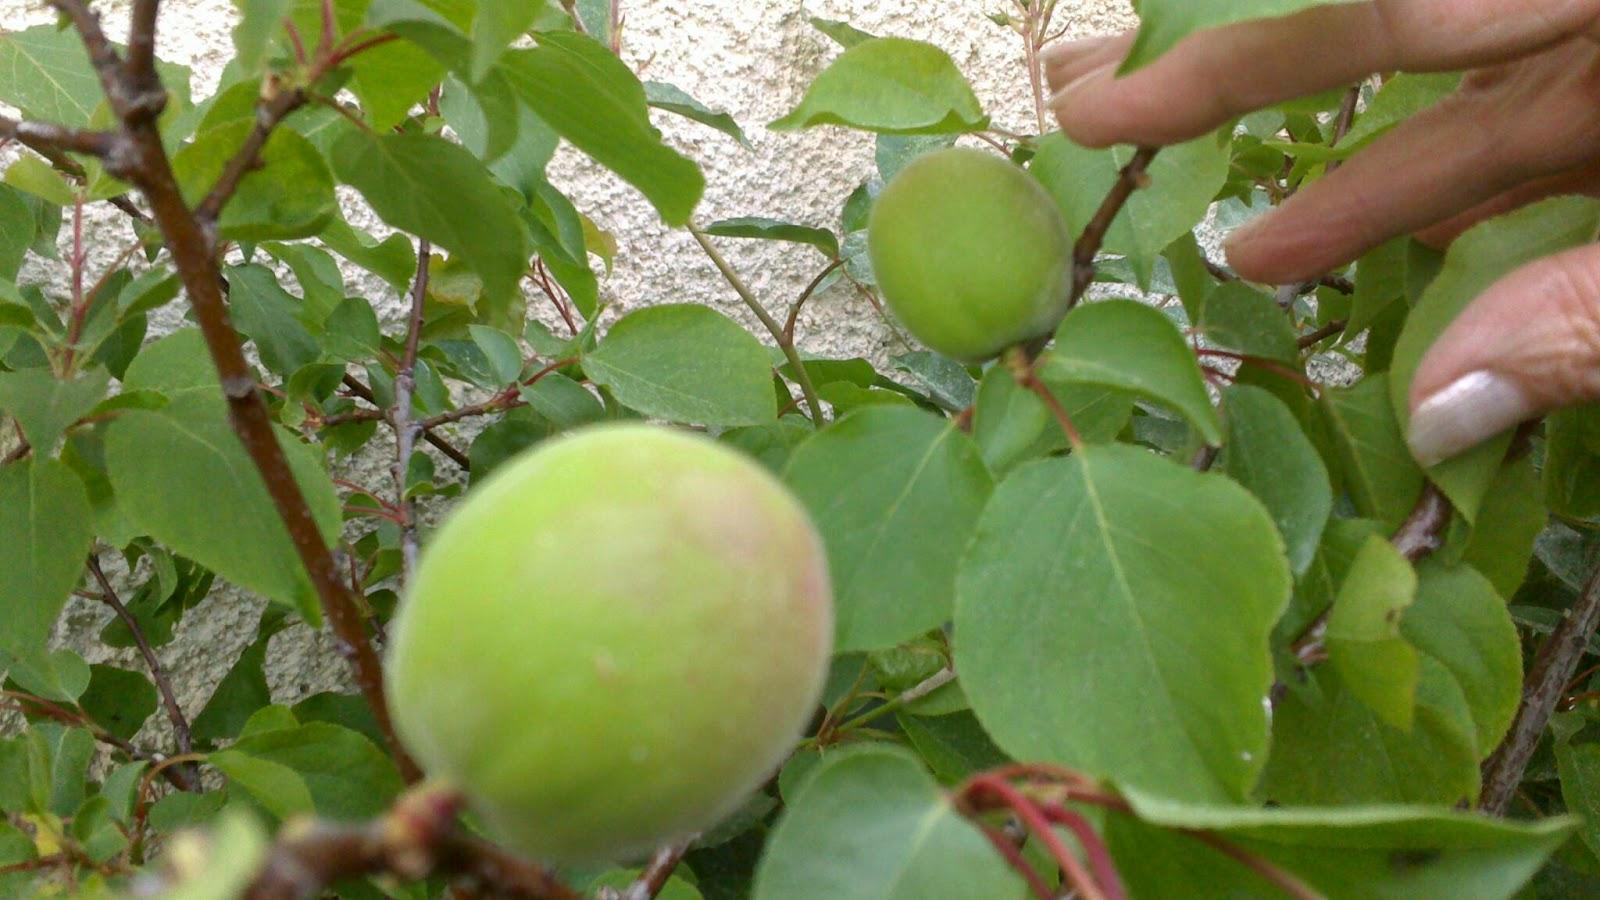 Mon arbre le de vivre le douaire des noyaux d abricots du march replant s en pleine terre - Planter un noyau d abricot ...